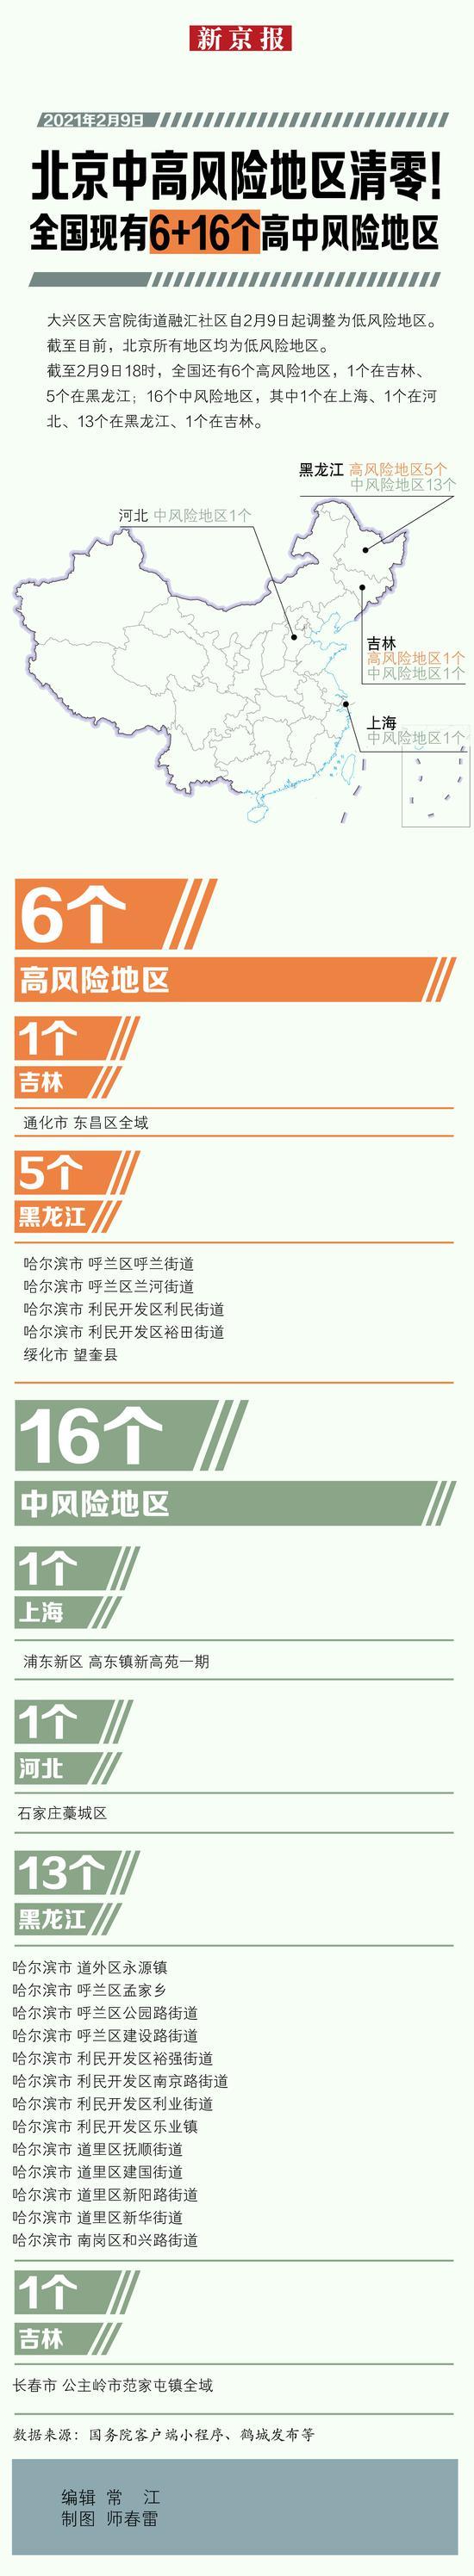 北京中高风险地区清零!全国现有6+16个高中风险地区图片